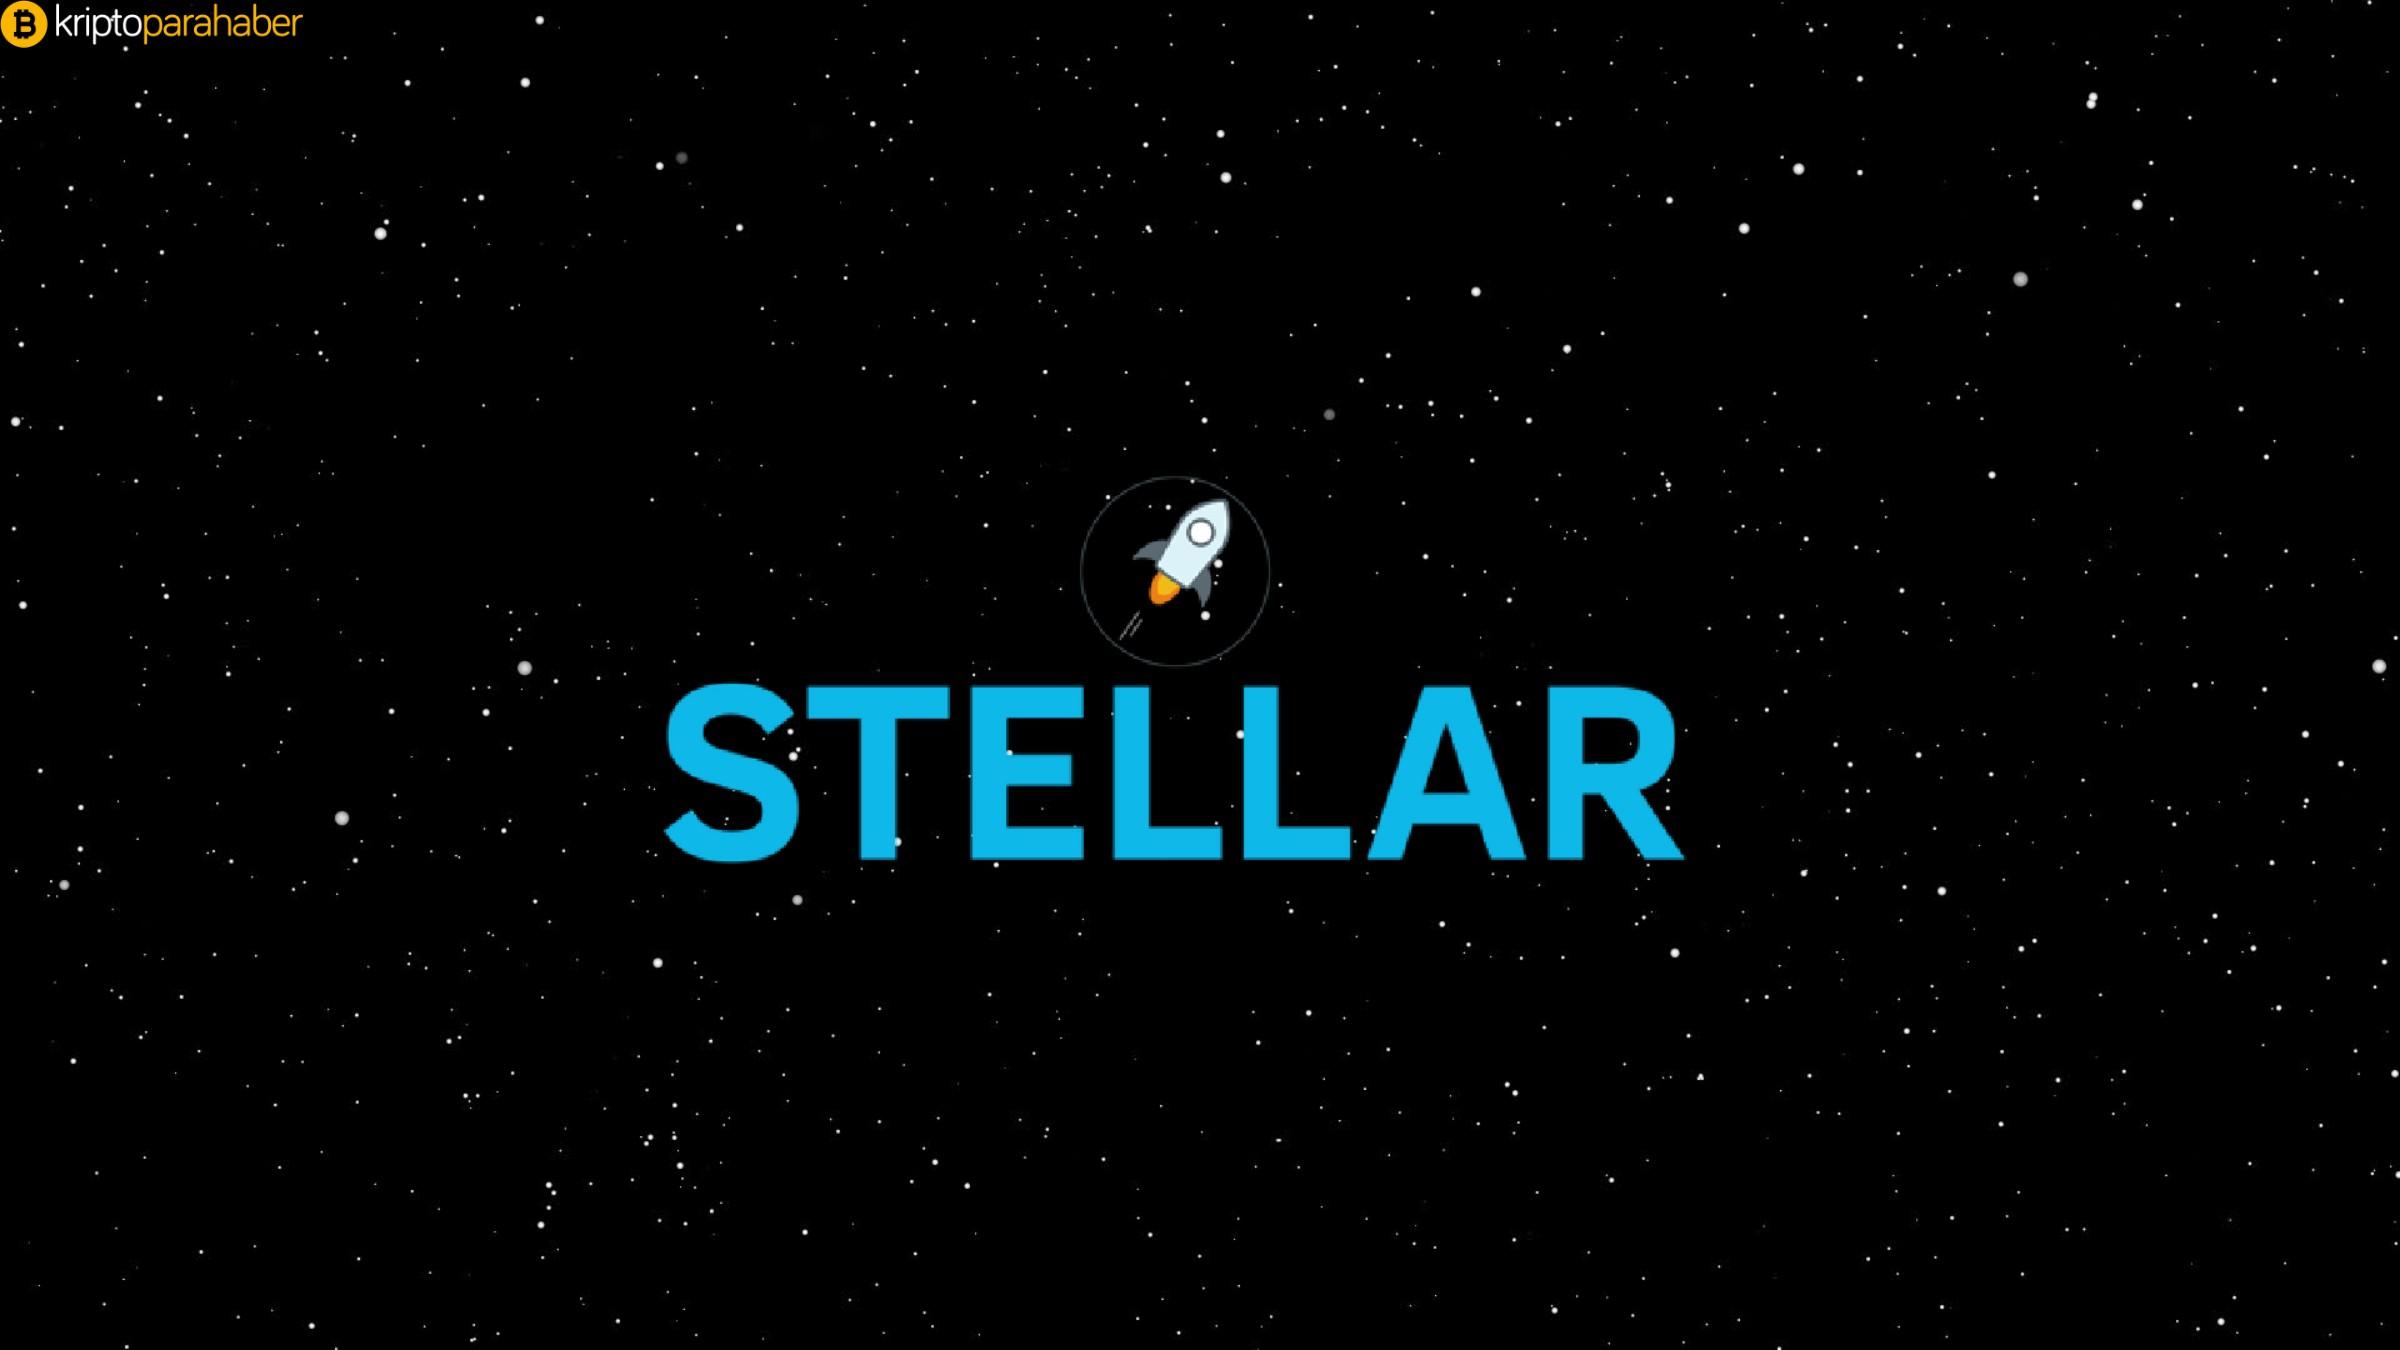 XLM analizi: Stellar, önemli gelişmeler görüyor, yukarı yönlü bir kırılma gelir mi?